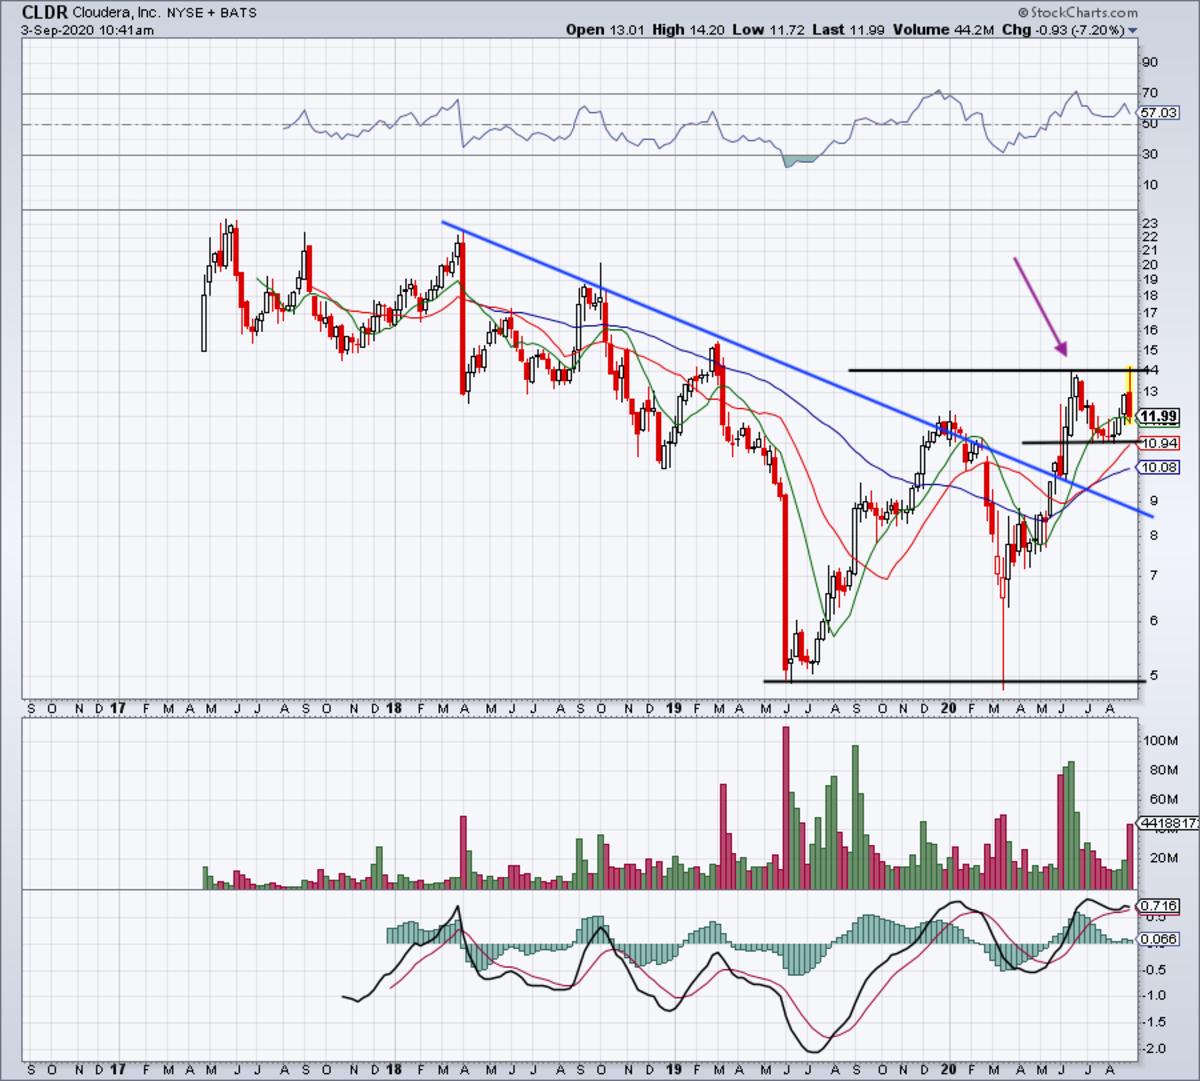 Daily chart of Cloudera stock.